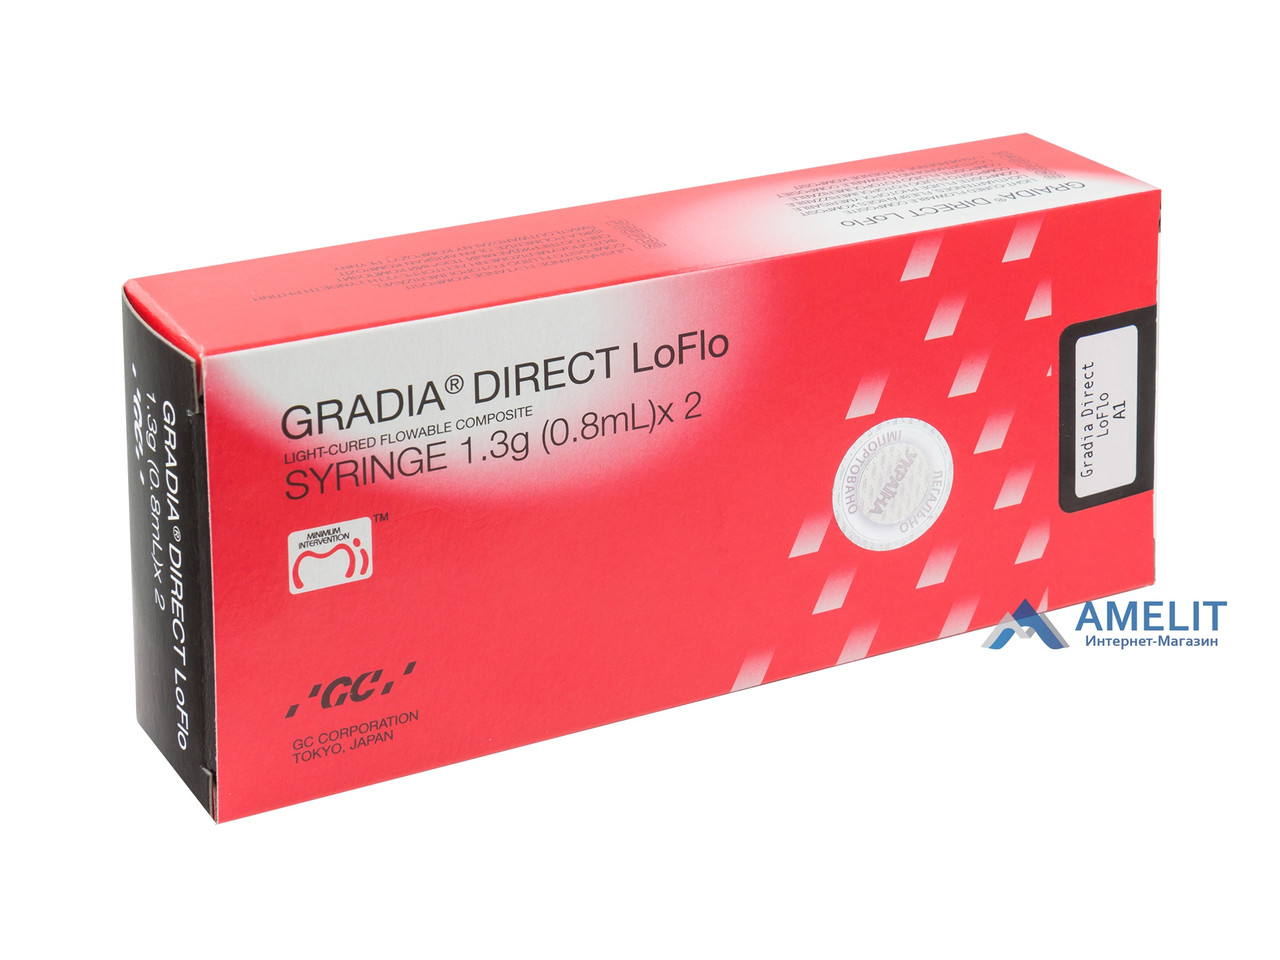 Градиа Дайрект ЛоФлоу А1 (Gradia Direct Lo Flo, GC), шприц 1,3г